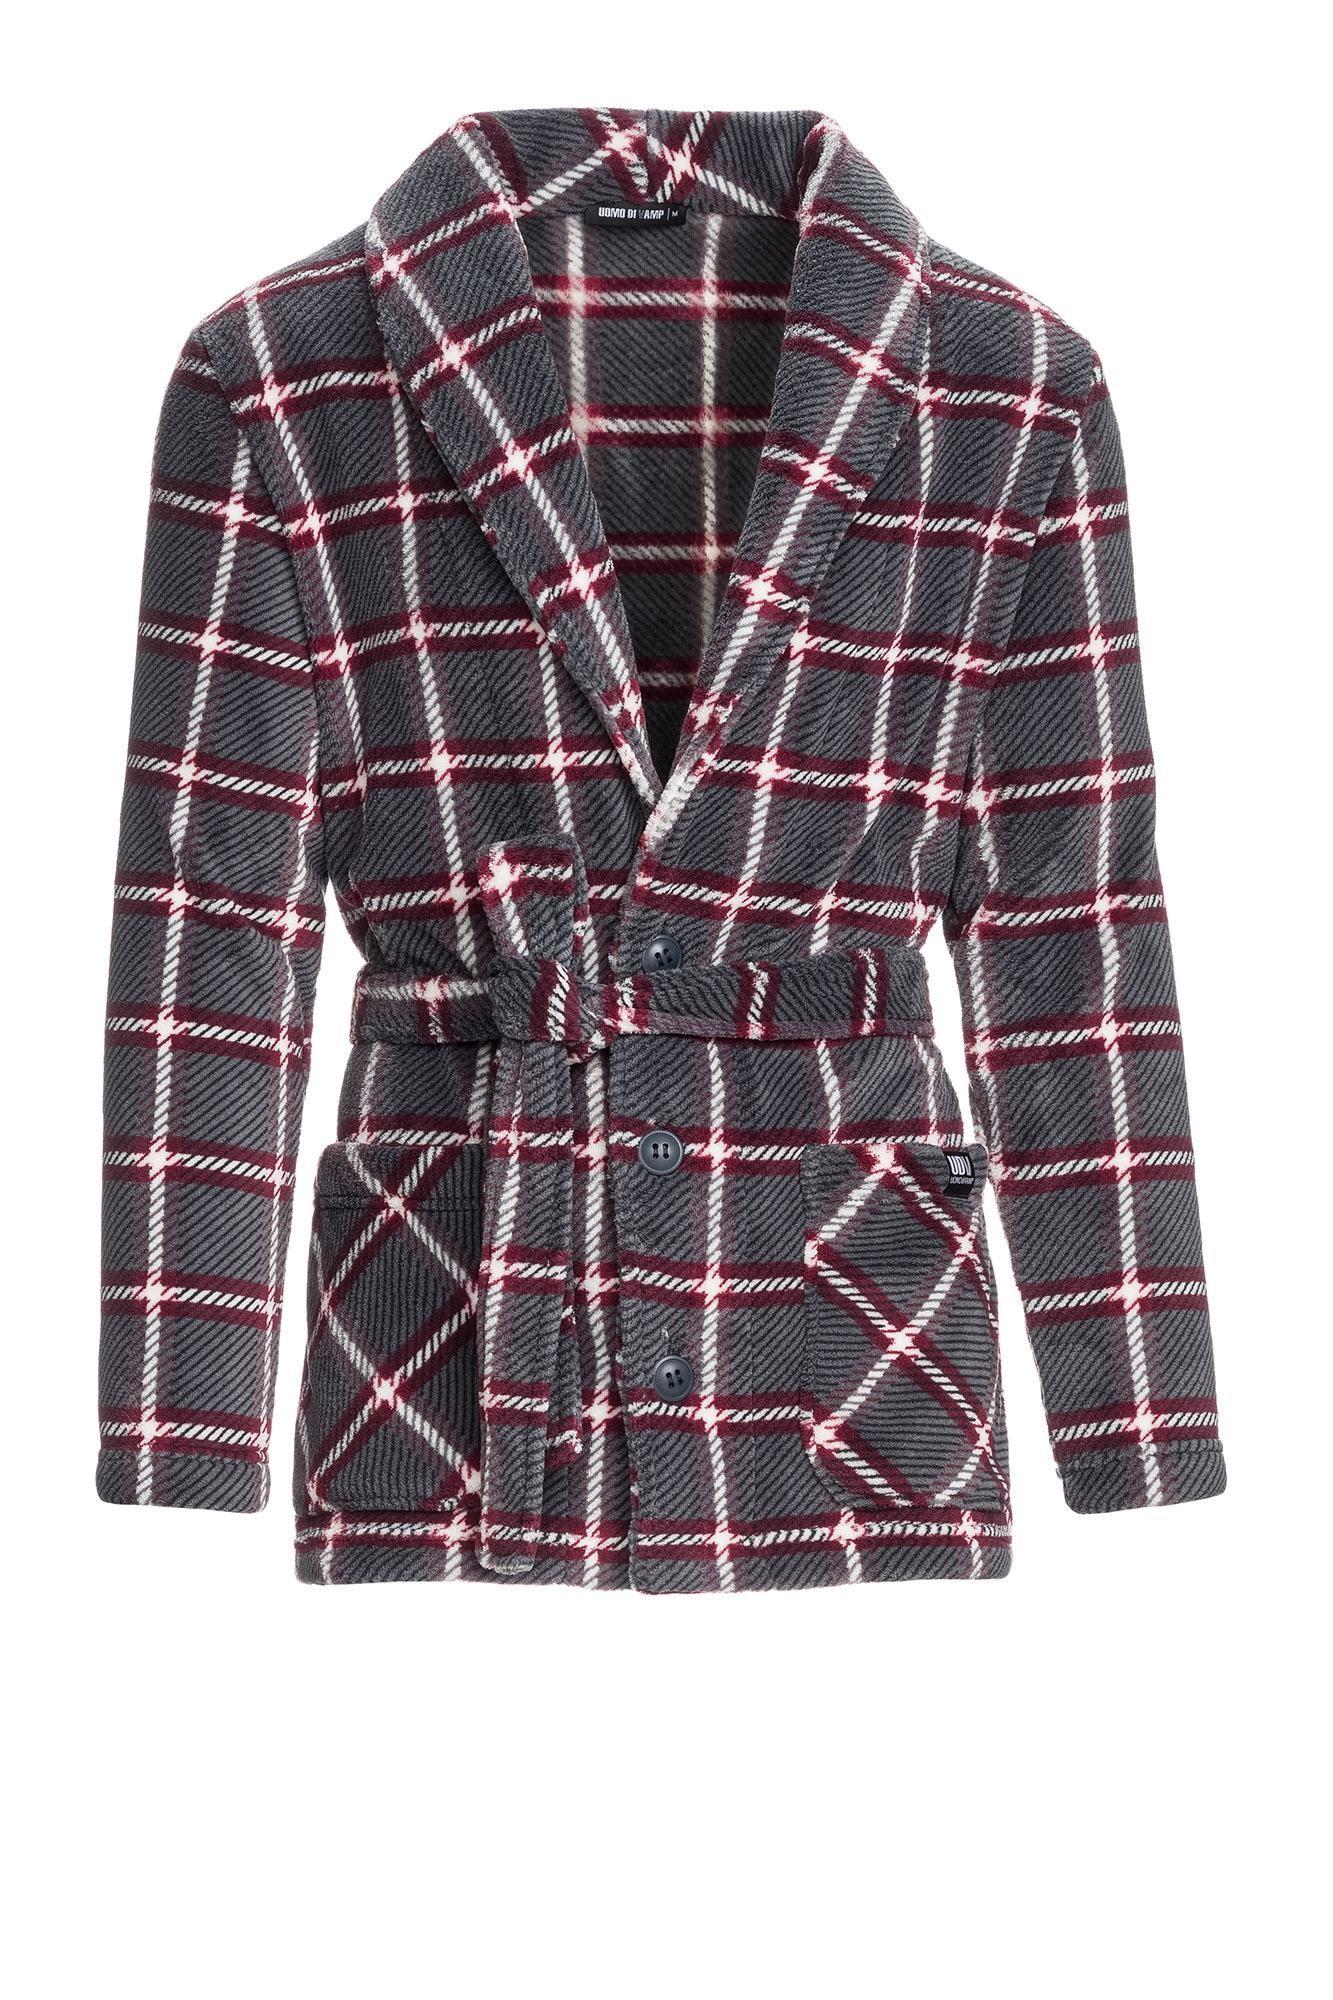 Men's Plaid Buttoned Jacket